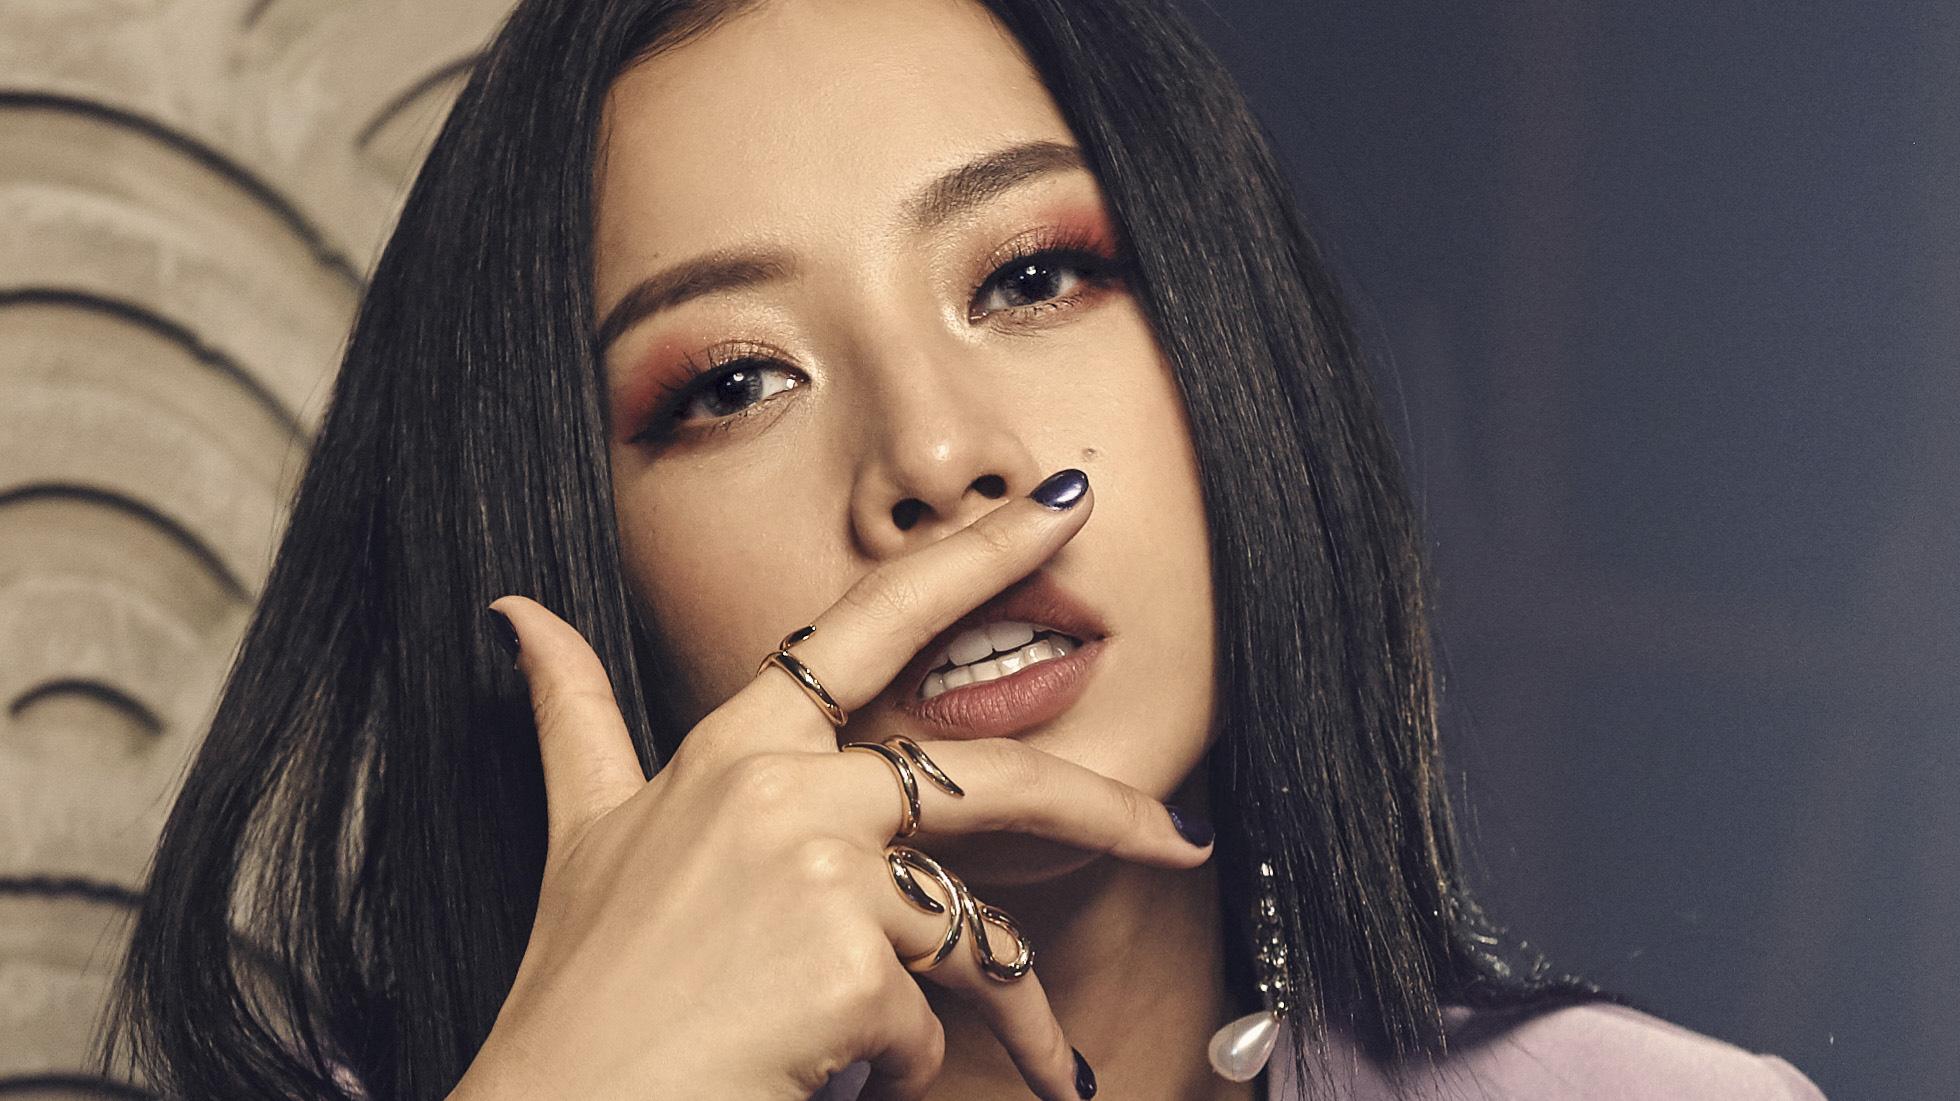 Sau hơn 1 ngày ra mắt, MV debut của Chi Pu nhận lượt dislike 42 nghìn, gần gấp đôi lượt like - Ảnh 3.